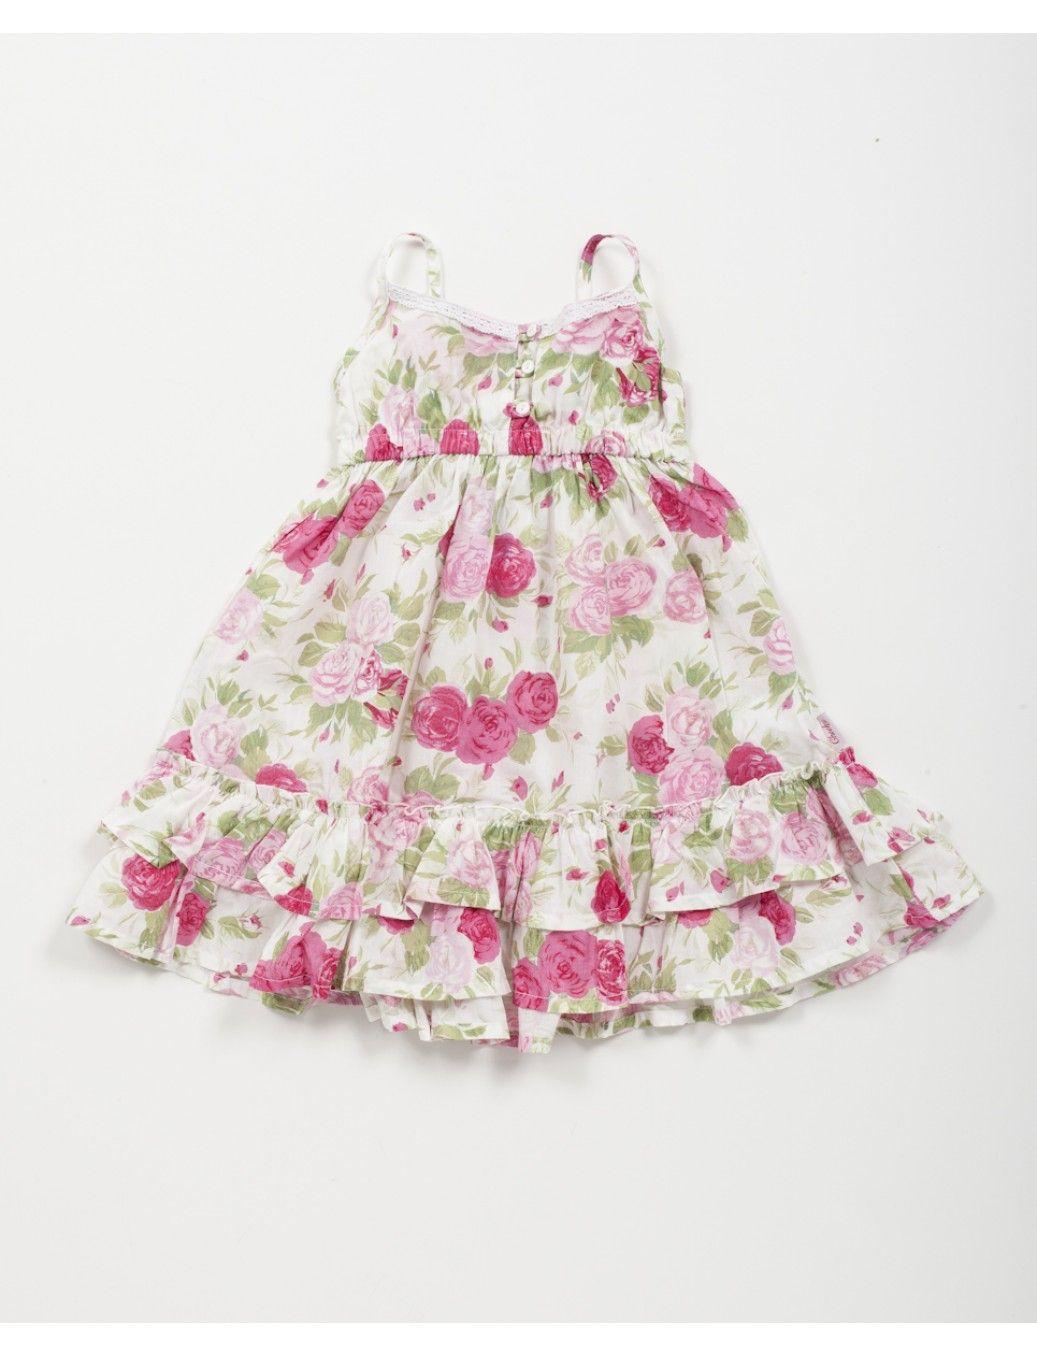 9579217163c8 Vestido Precious - Niñas   vestidos chicas   Vestidos de fiesta para ...